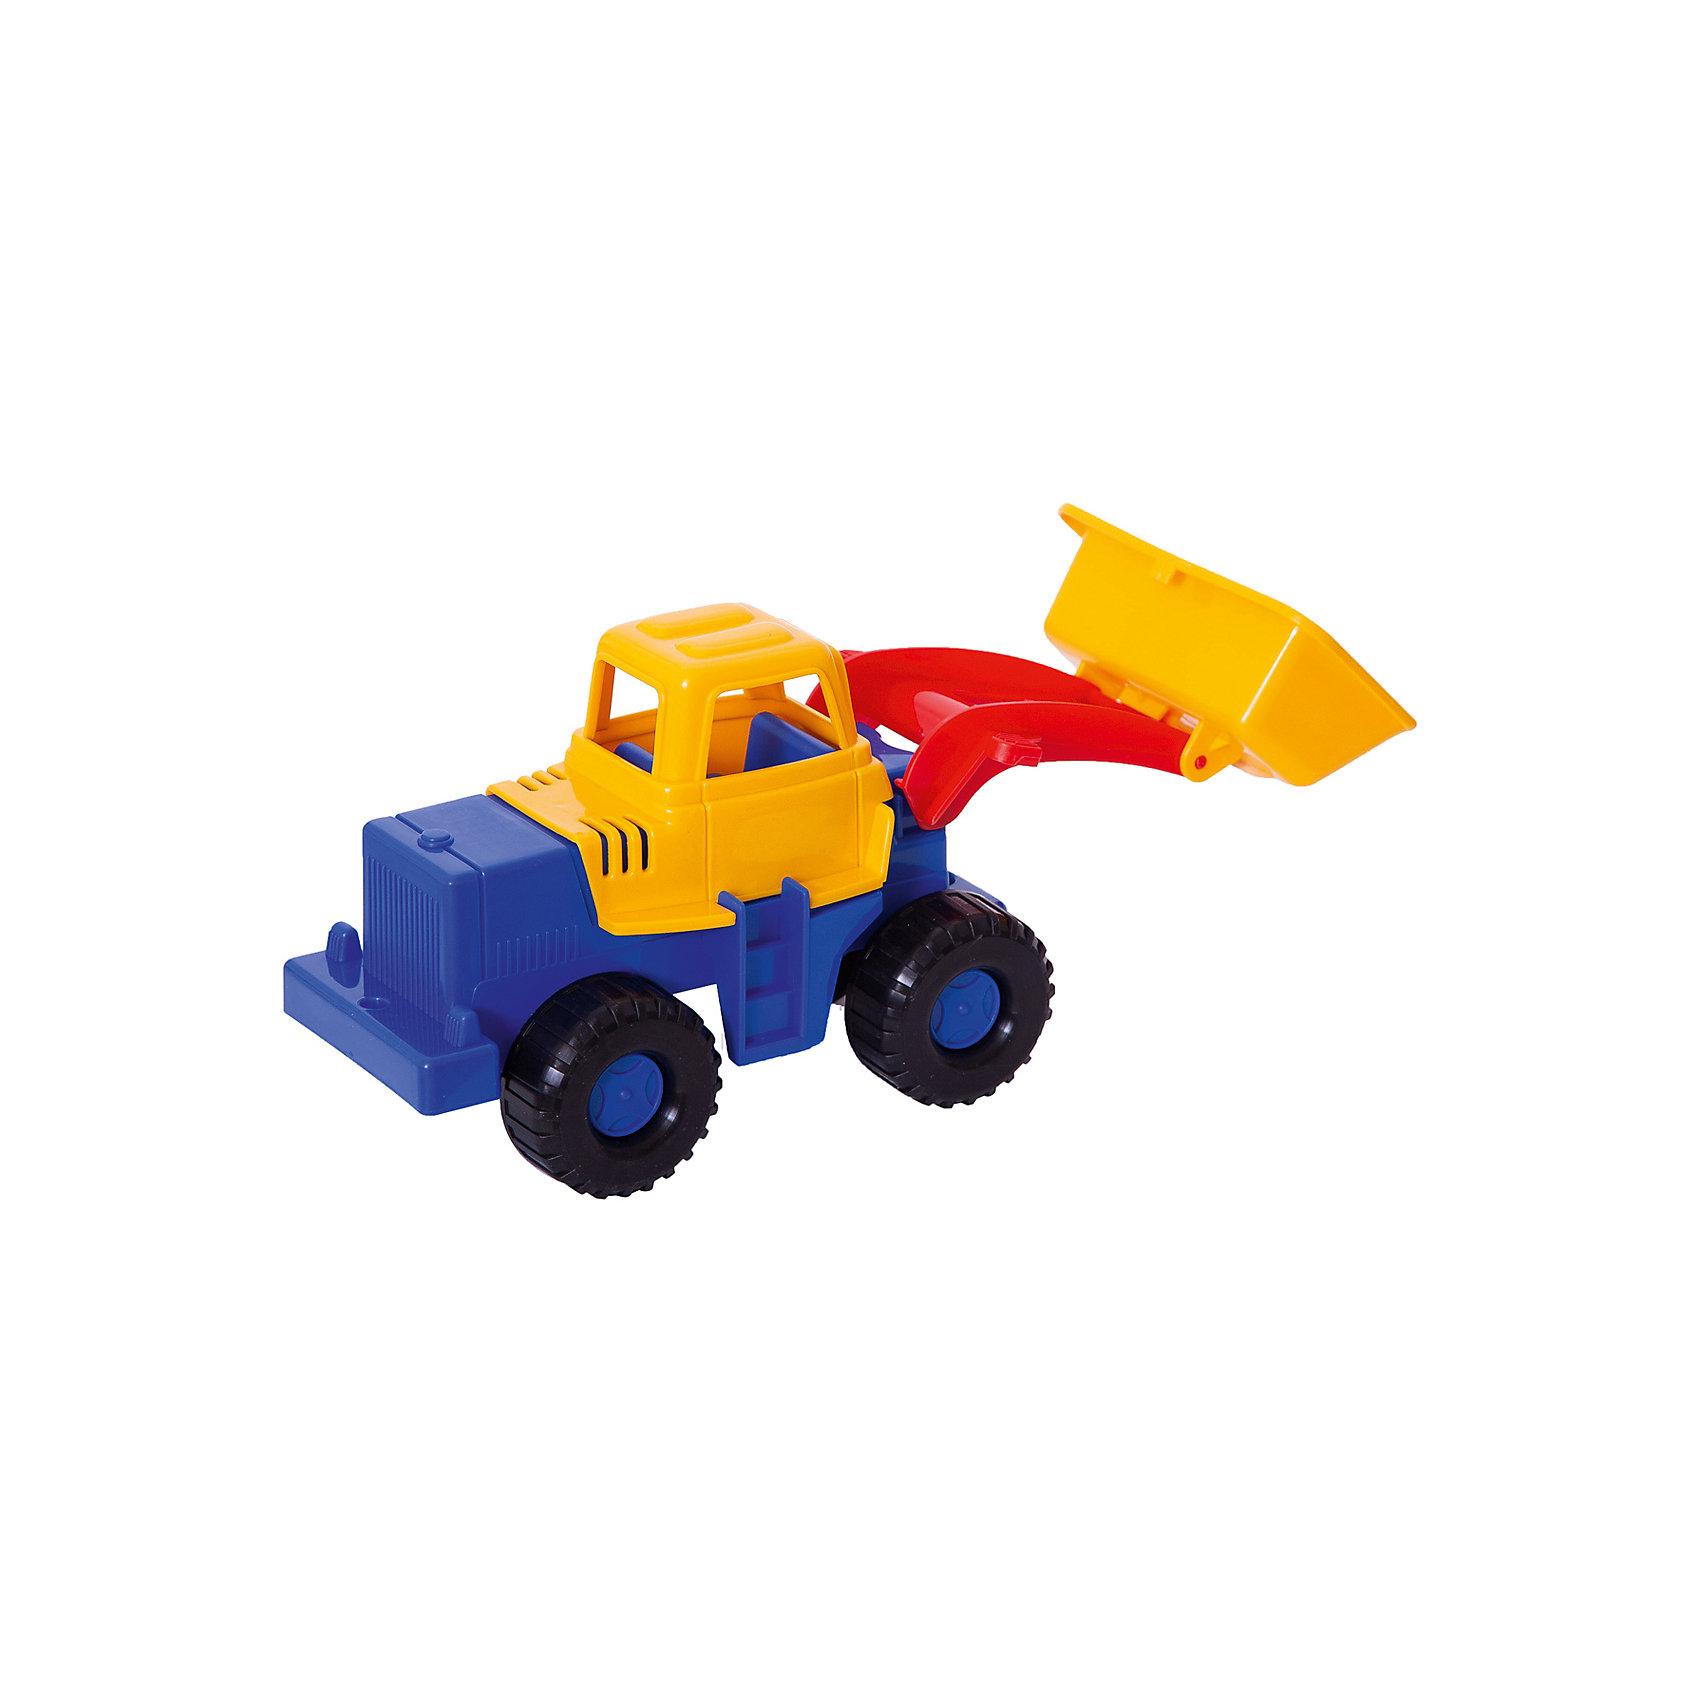 Трактор Медвежонок, НордпластТрактор Медвежонок, Нордпласт – это пластмассовая машина, которой интересно будет играть вашему мальчику.<br>Надежный, крепкий и красочный трактор Медвежонок от компании Нордпласт  отлично подойдет ребенку для различных игр дома, в детском саду или на прогулке. У него подвижный большой ковш, с помощью которого можно копать траншеи, строить дороги и придумать много интересных и увлекательных игр. А в строительстве песочных замков, домов или плотин он станет незаменим! Кабина с сидением открытая, поэтому в ней можно разместить маленькую фигурку водителя. Есть лесенка, чтобы игрушечный водитель мог забираться в кабину. Большие колеса с текстурированными шинами делают игрушку устойчивой. Игрушка изготовлена из высококачественной пищевой пластмассы, без трещин и заусениц, поэтому во время эксплуатации выдержит многие детские шалости. Она покрыта нетоксичной краской, не облупливающейся и не выгорающей на солнце. Товар соответствует требованиям стандарта для детских игрушек и имеет сертификат качества.<br><br>Дополнительная информация:<br><br>- Материал: высококачественная пластмасса<br>- Размер: 14х13х28 см.<br>- Вес: 200 гр.<br><br>Трактор Медвежонок, Нордпласт можно купить в нашем интернет-магазине.<br><br>Ширина мм: 280<br>Глубина мм: 130<br>Высота мм: 140<br>Вес г: 200<br>Возраст от месяцев: 24<br>Возраст до месяцев: 60<br>Пол: Мужской<br>Возраст: Детский<br>SKU: 4060315